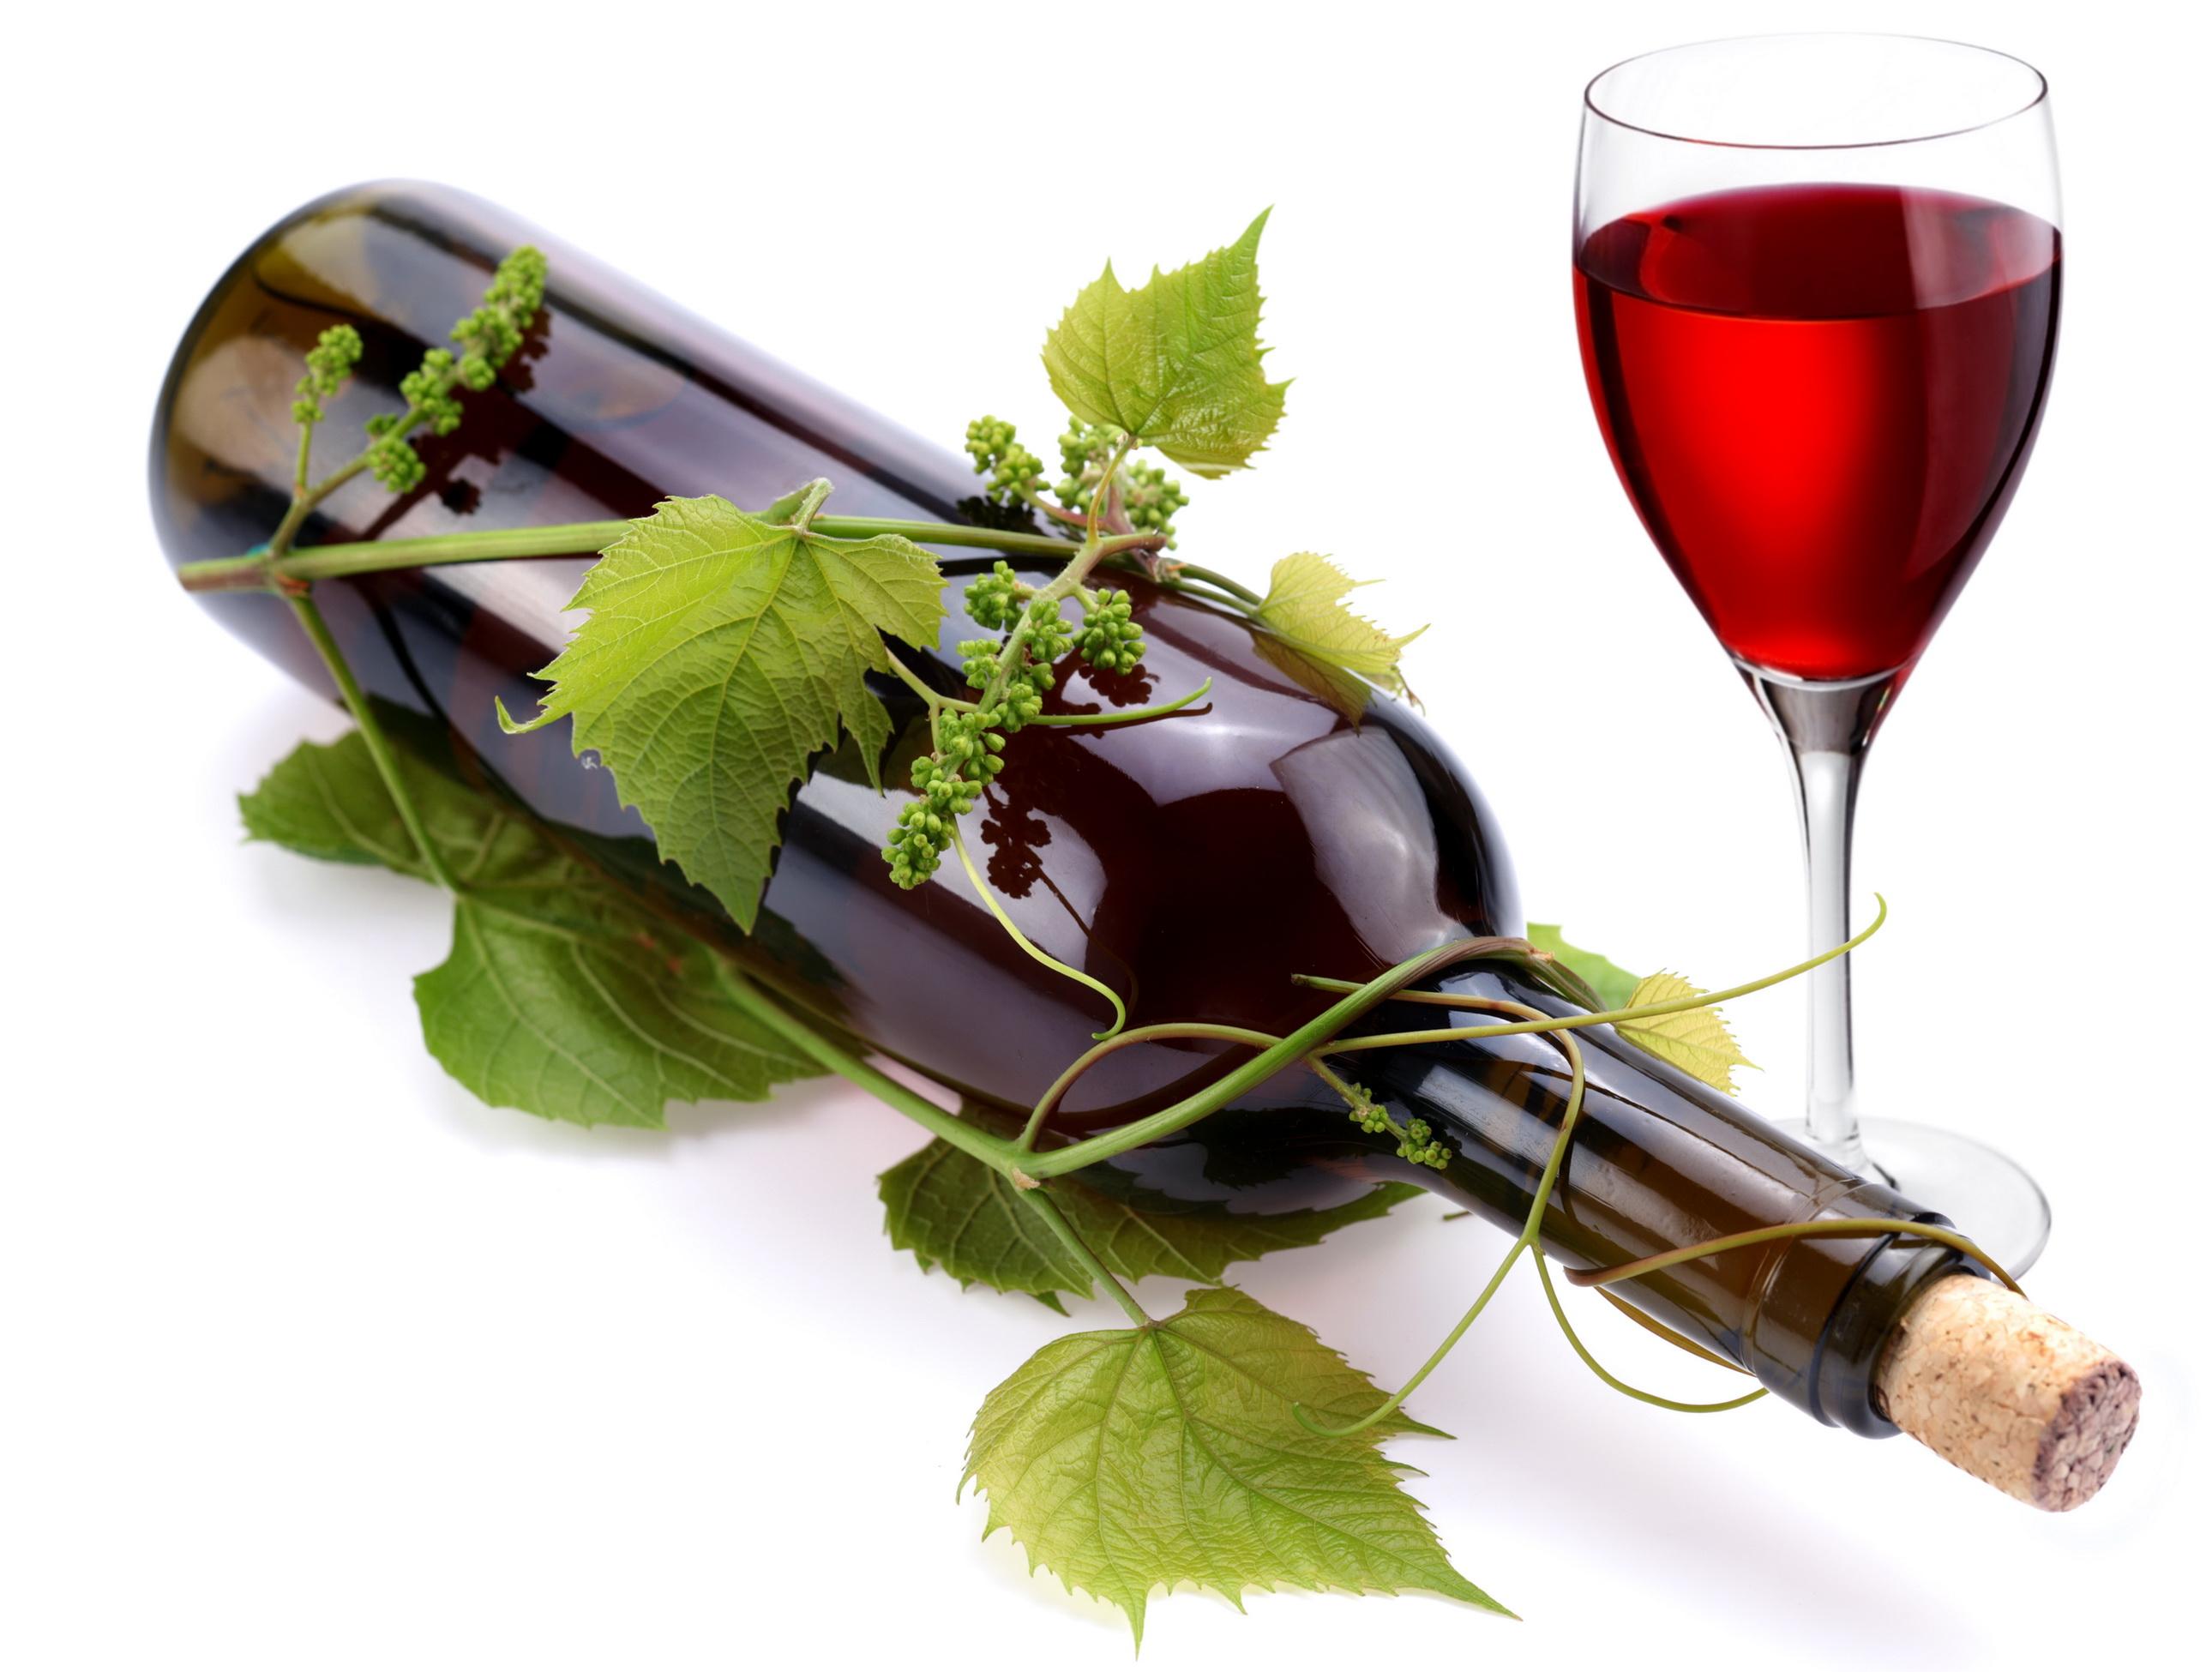 бутылка красного вина, вино из винограда, скачать фото, обои для рабочего стола, рюмка с вином